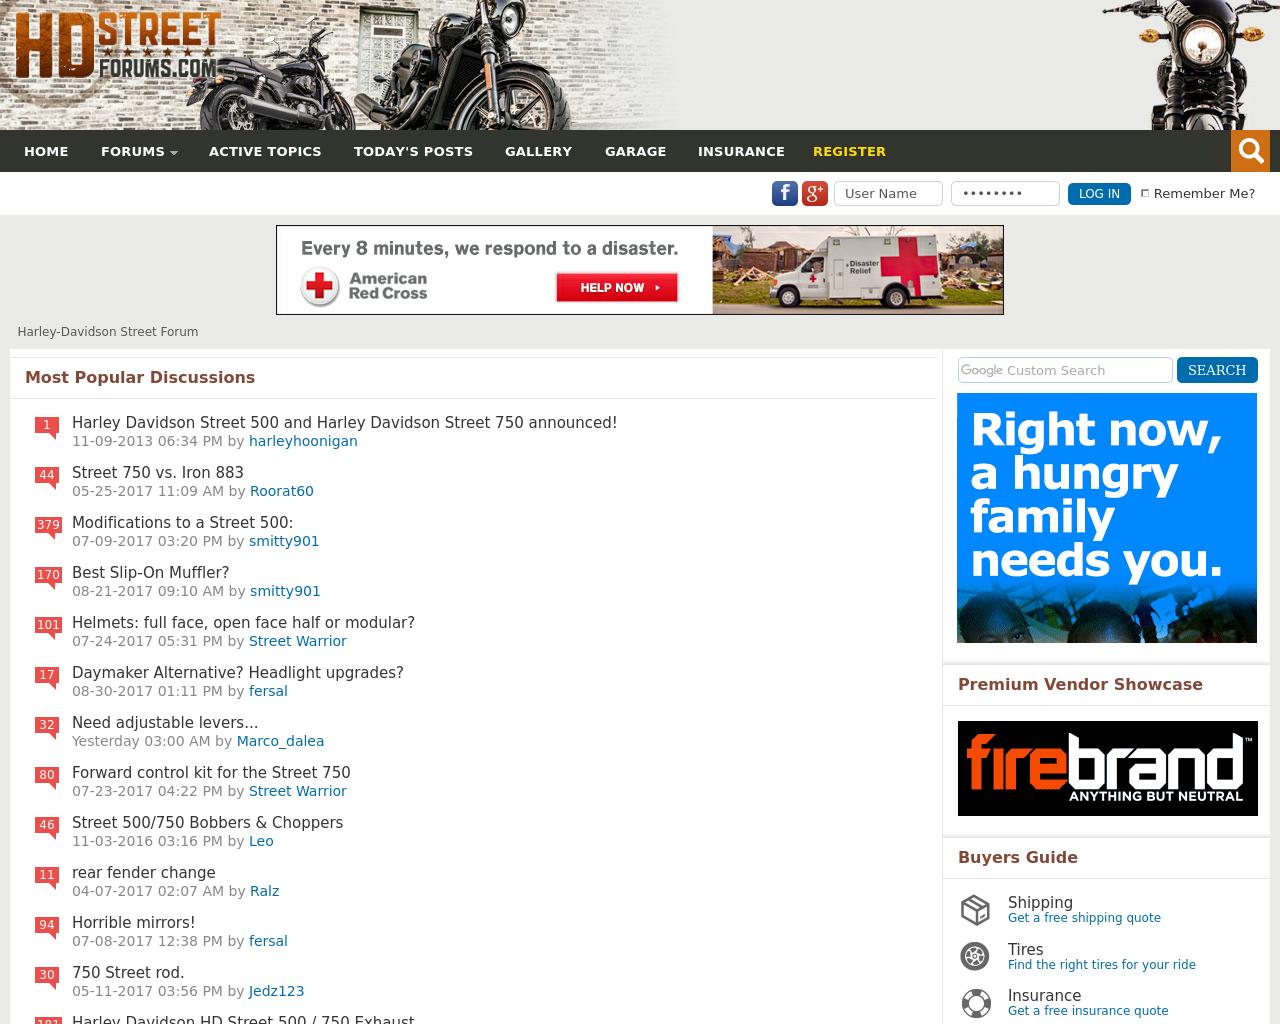 Harley-Davidson-Street-Forum-Advertising-Reviews-Pricing